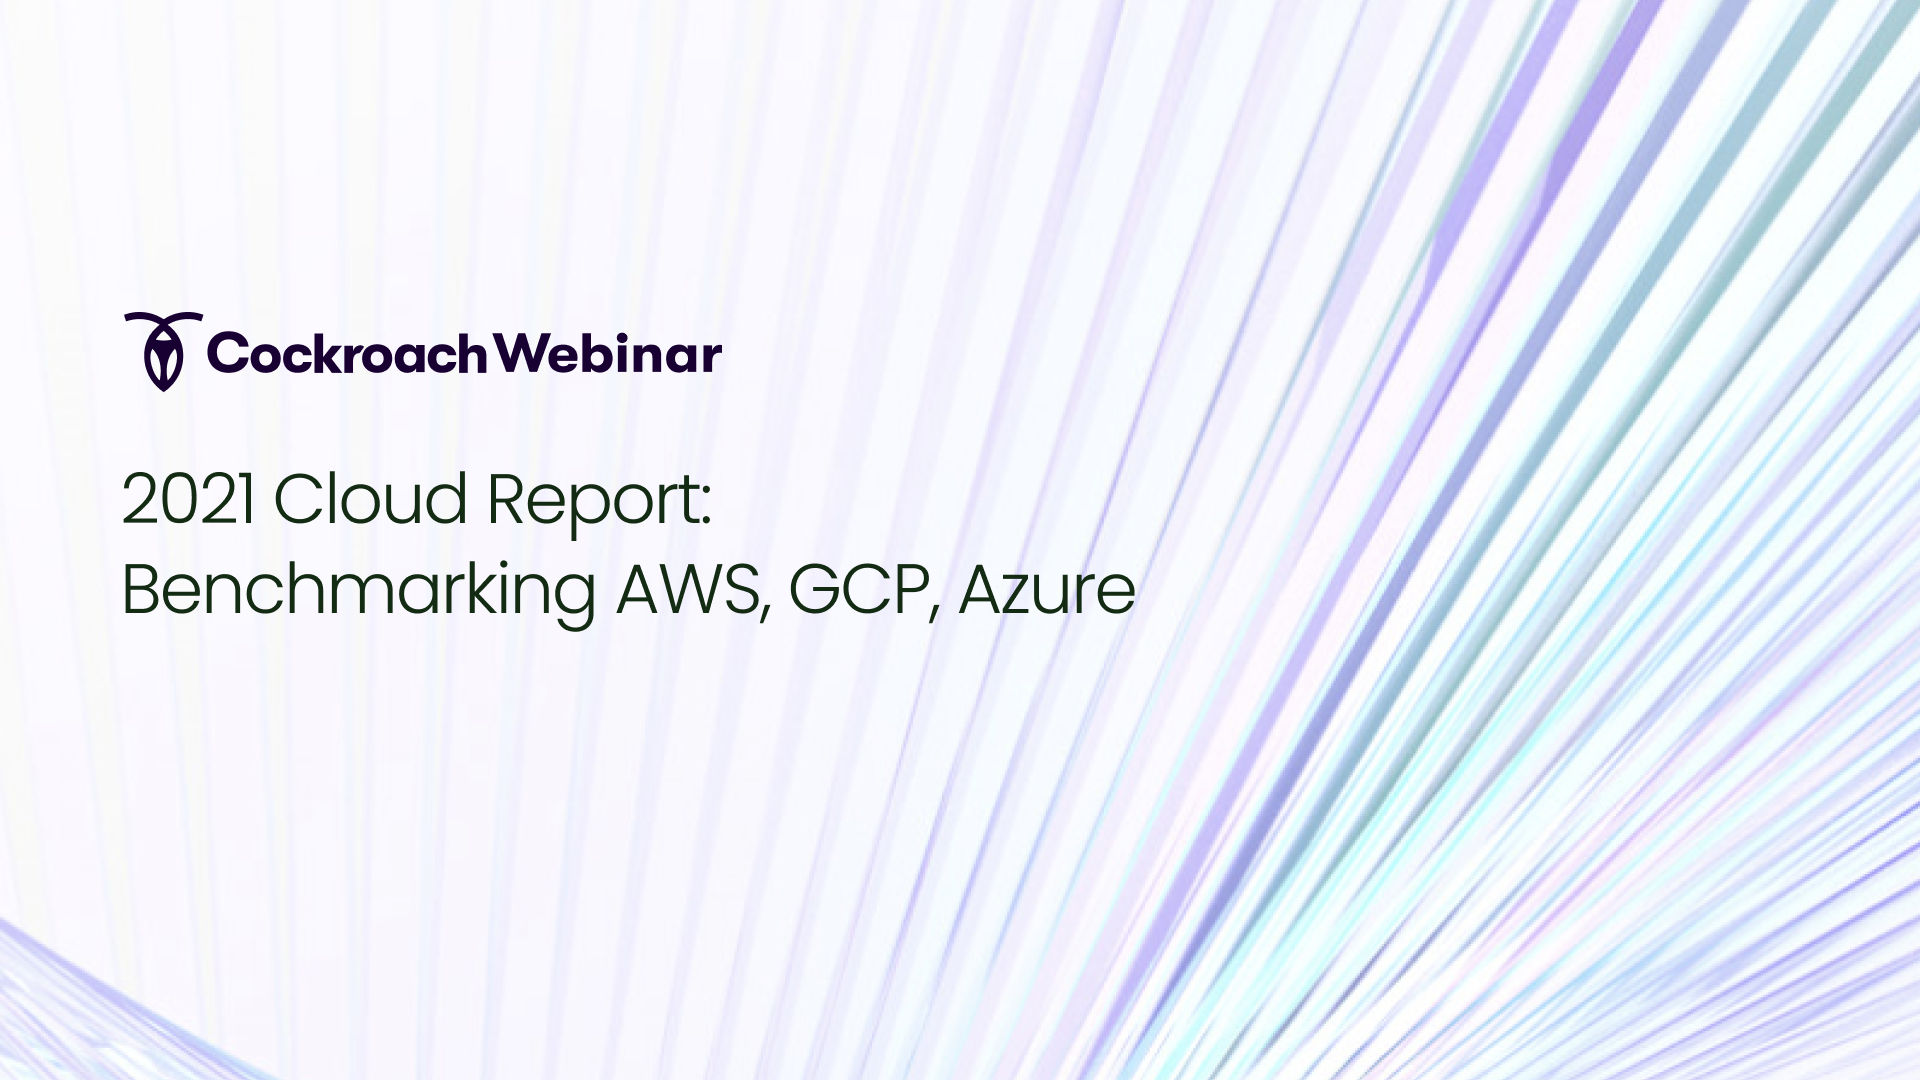 2021 Cloud Report: Benchmarking AWS, GCP, Azure